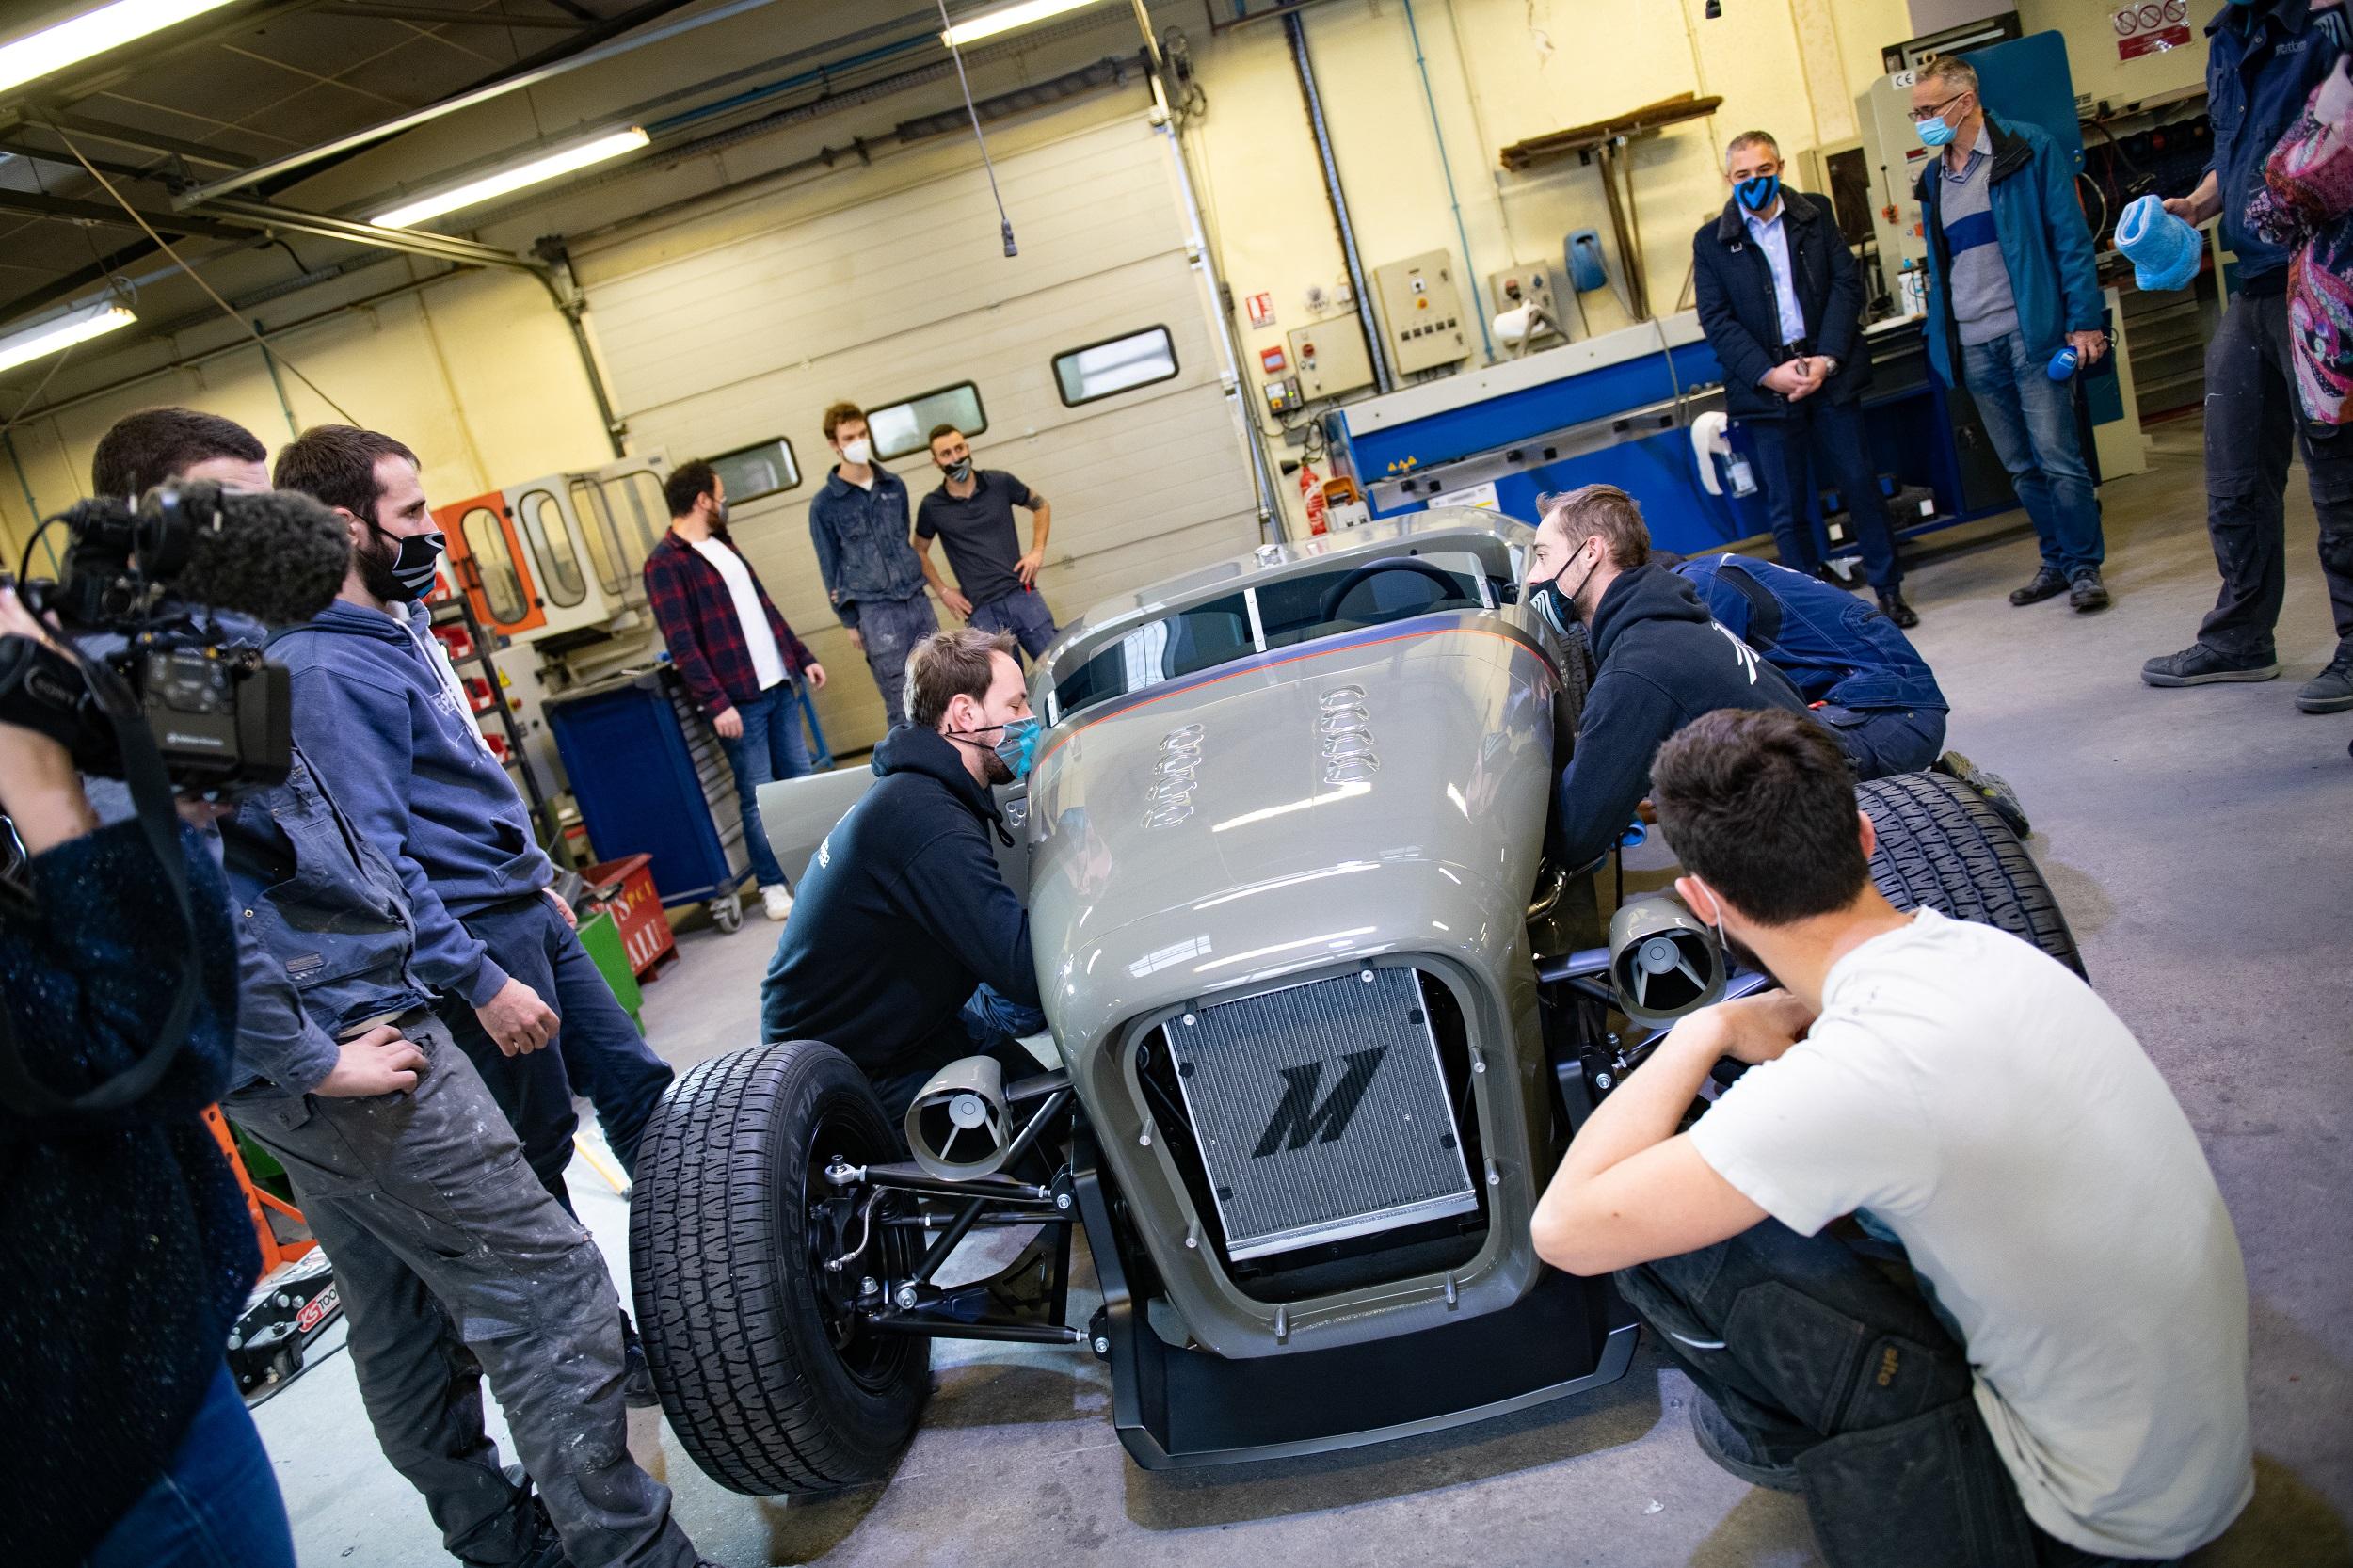 Le nouveau prototype est baptisé Hot Rod. Un parfum des Etats-Unis. Photo UTMB - François Jouffroy